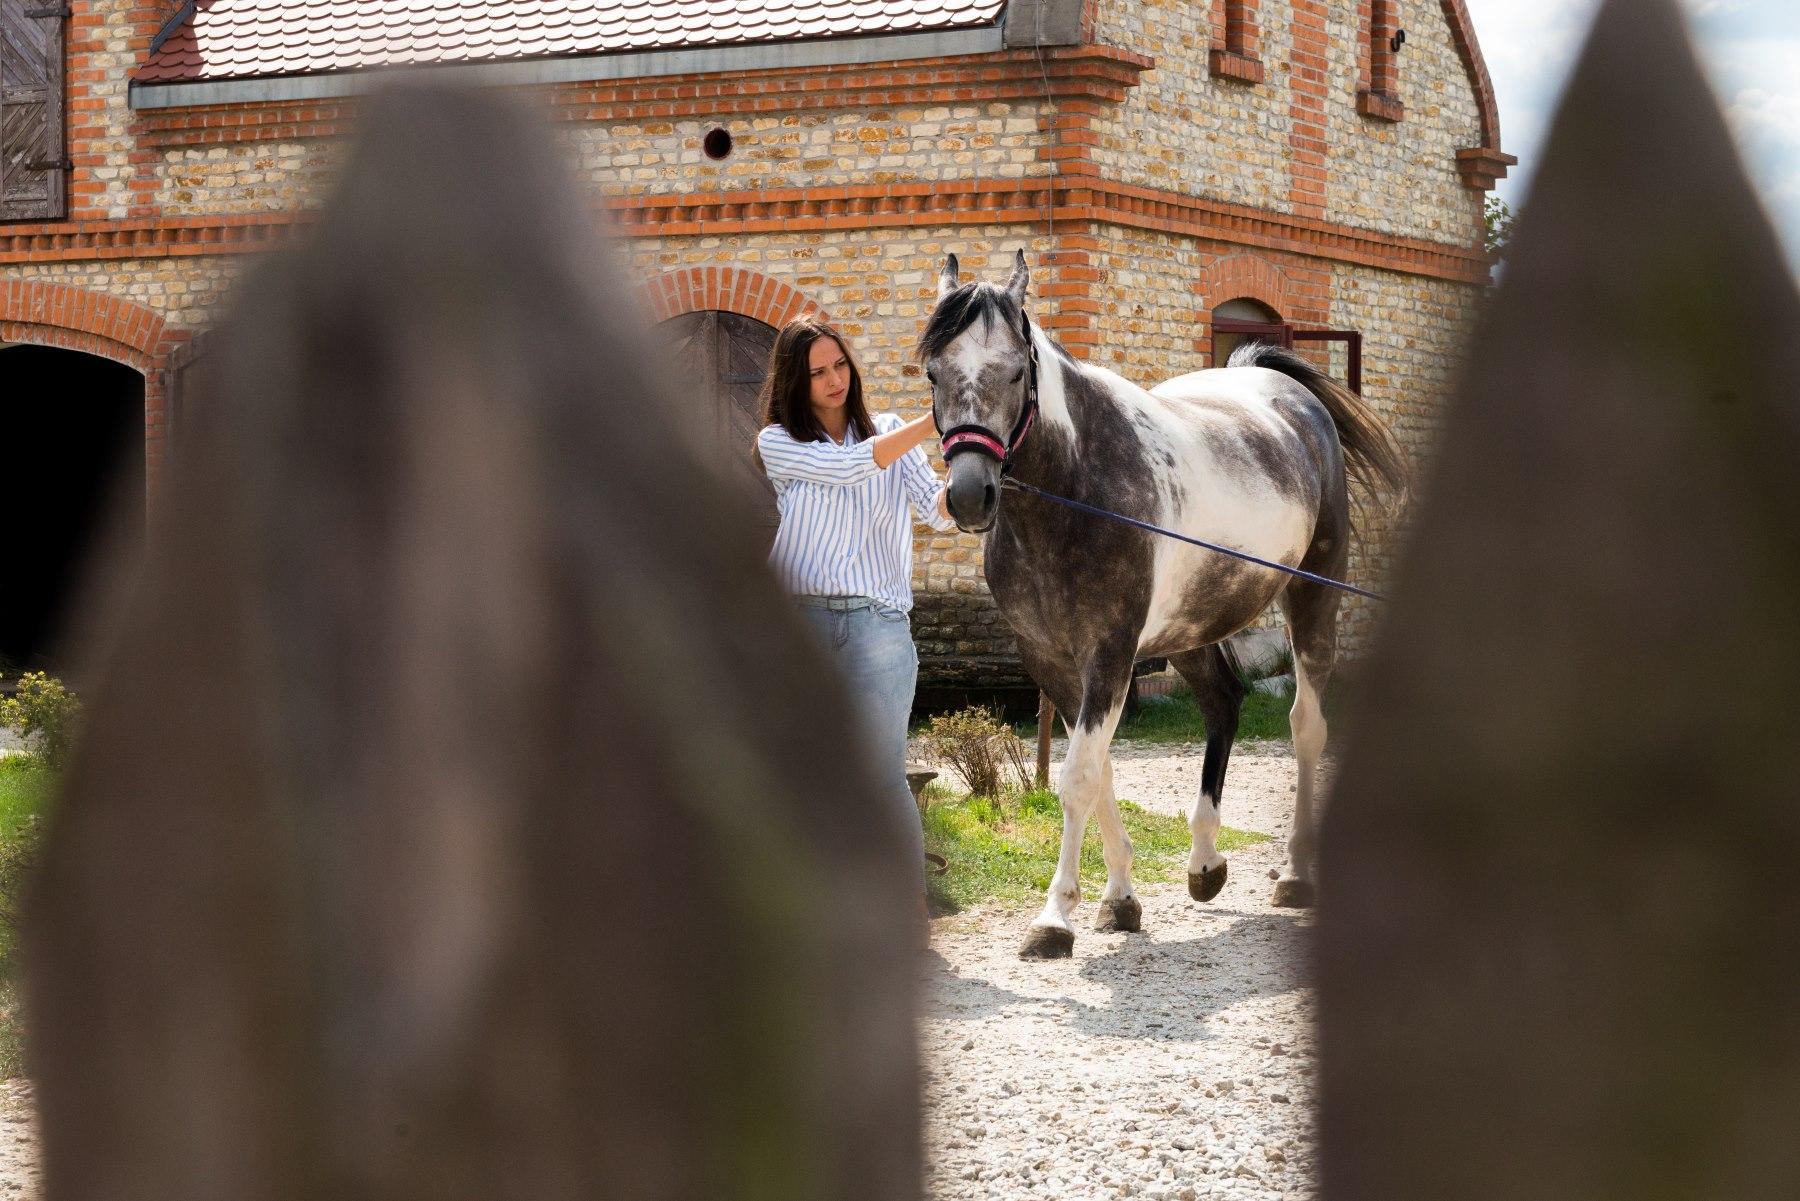 Siwy koń prowadzony przez dziewczynę